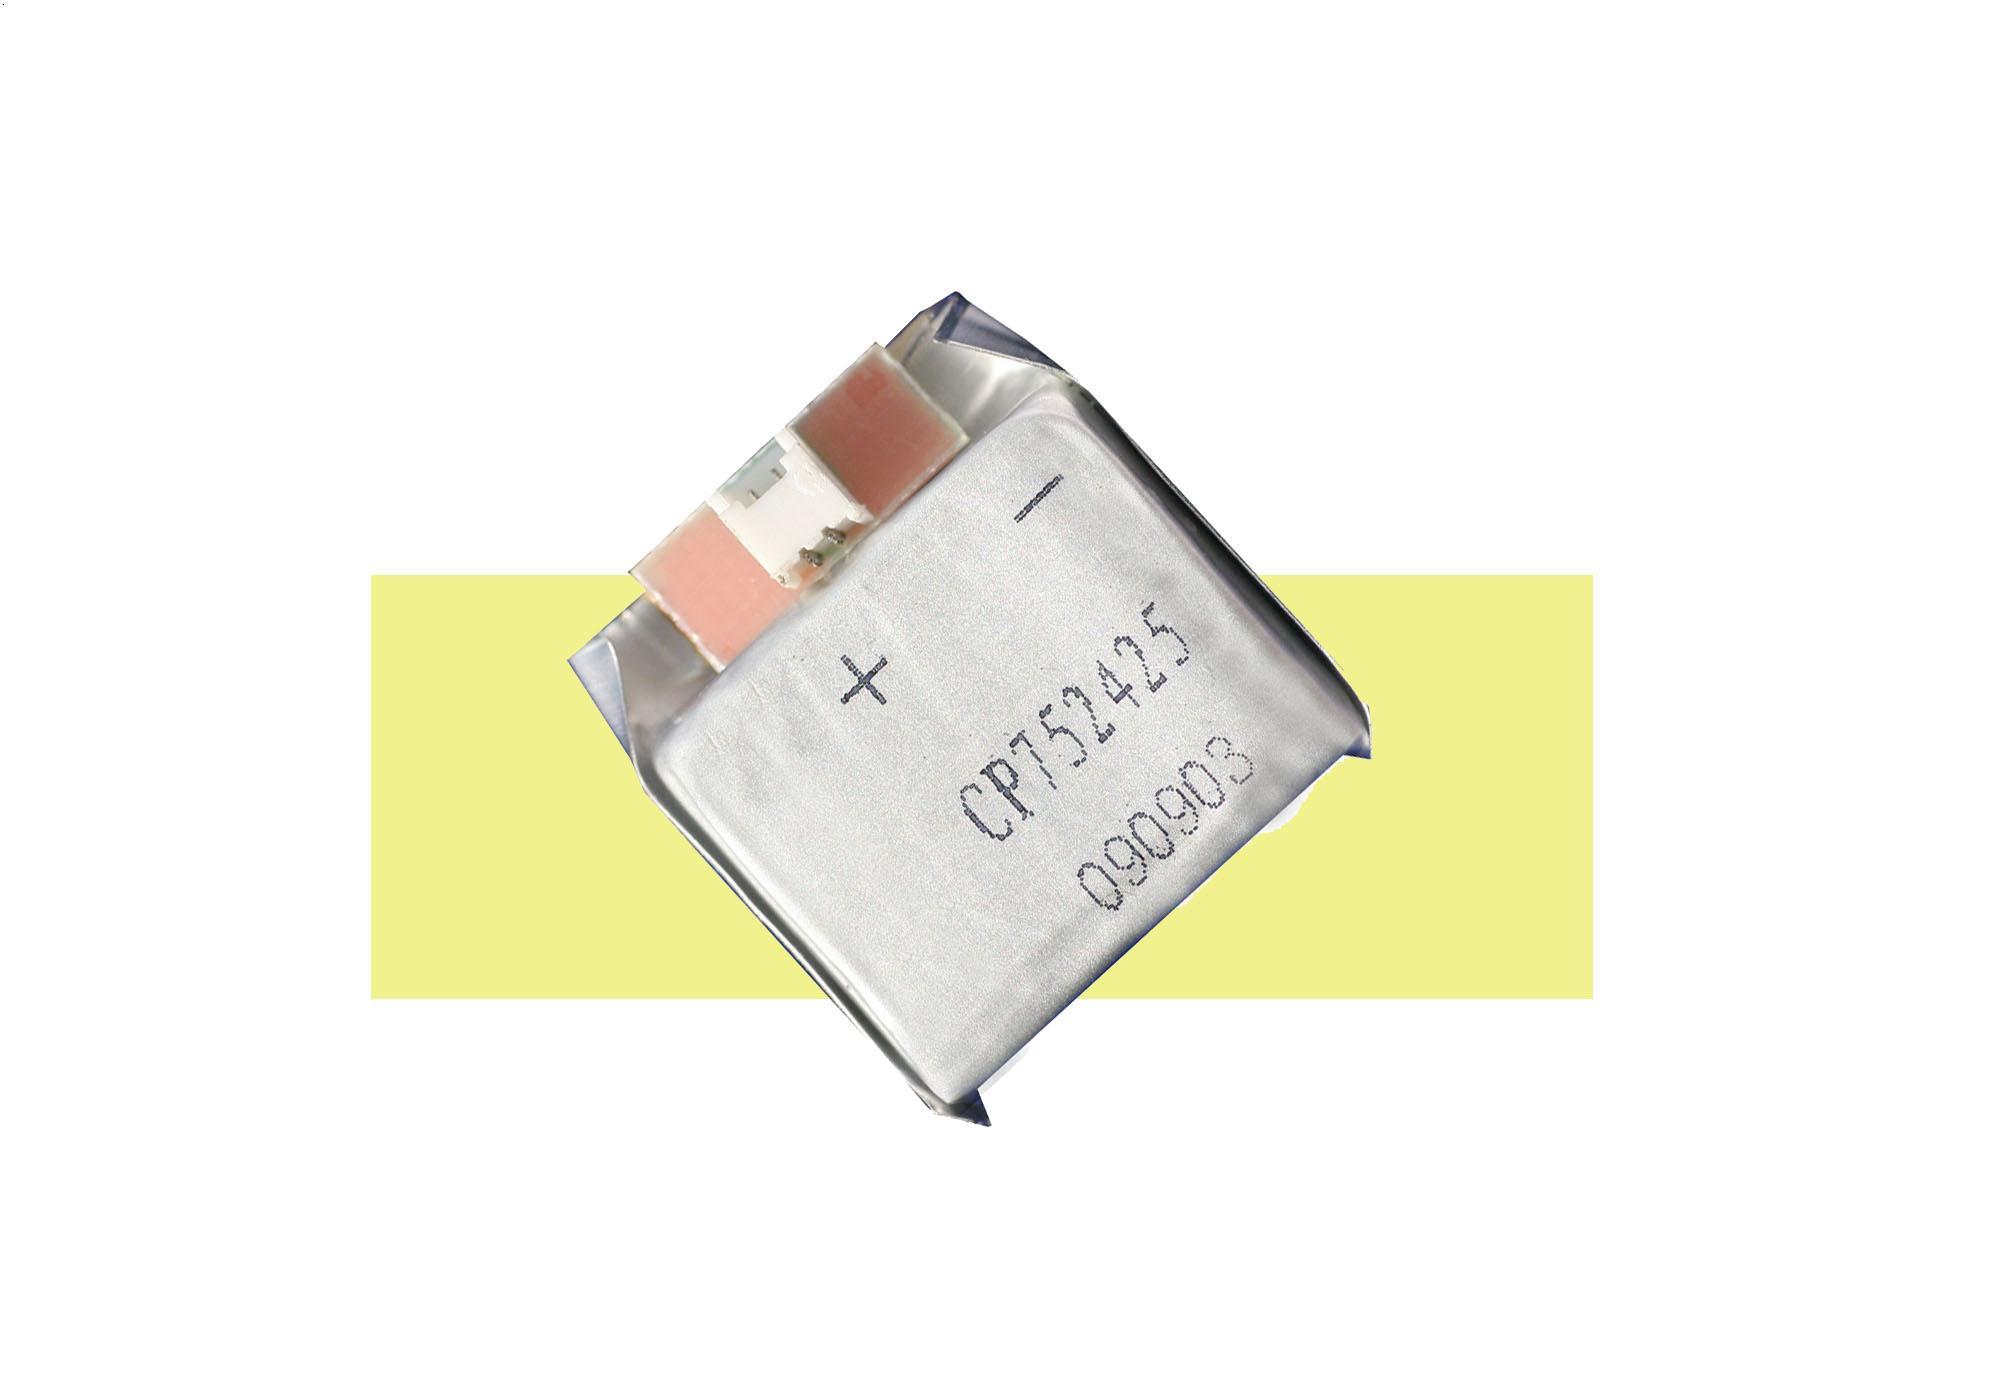 >3v软包装锂电池图片